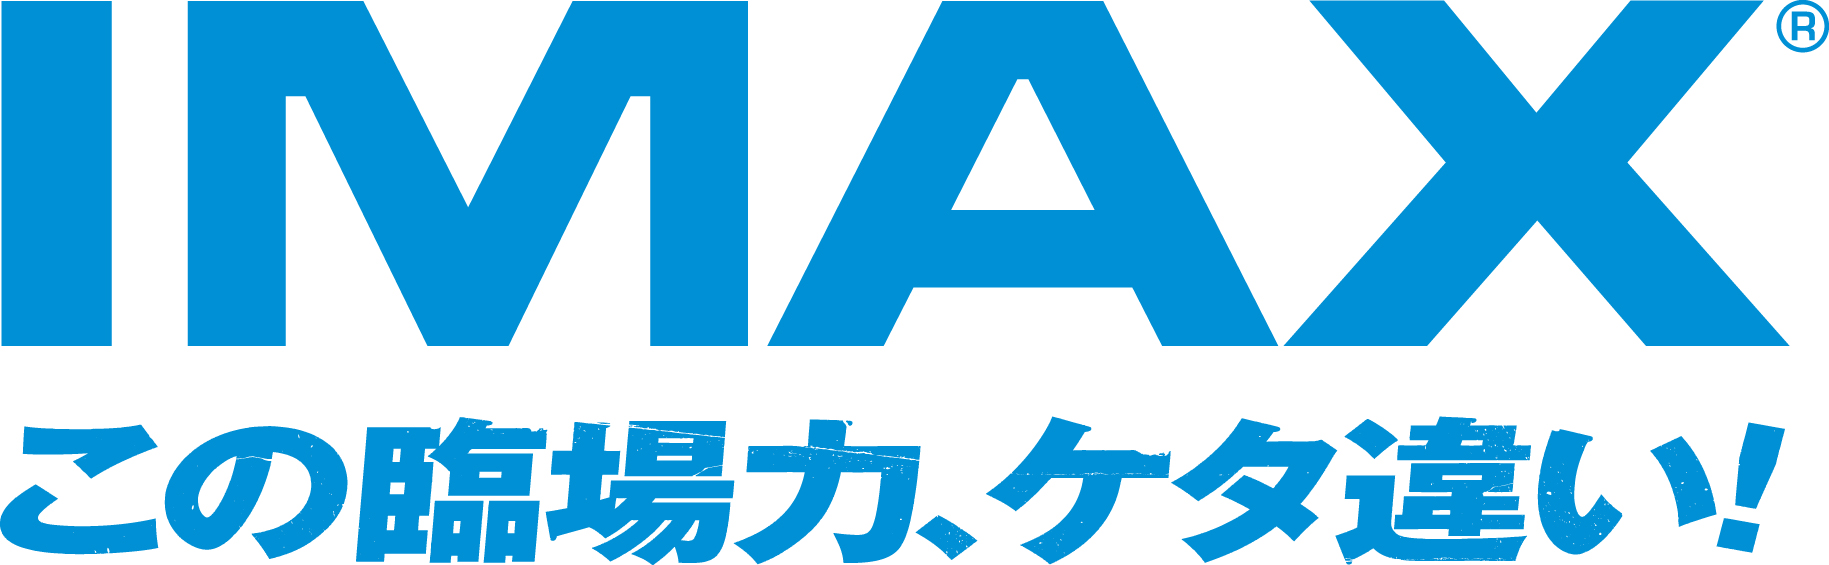 BRND_IMAX_2925C_Japan.jpg